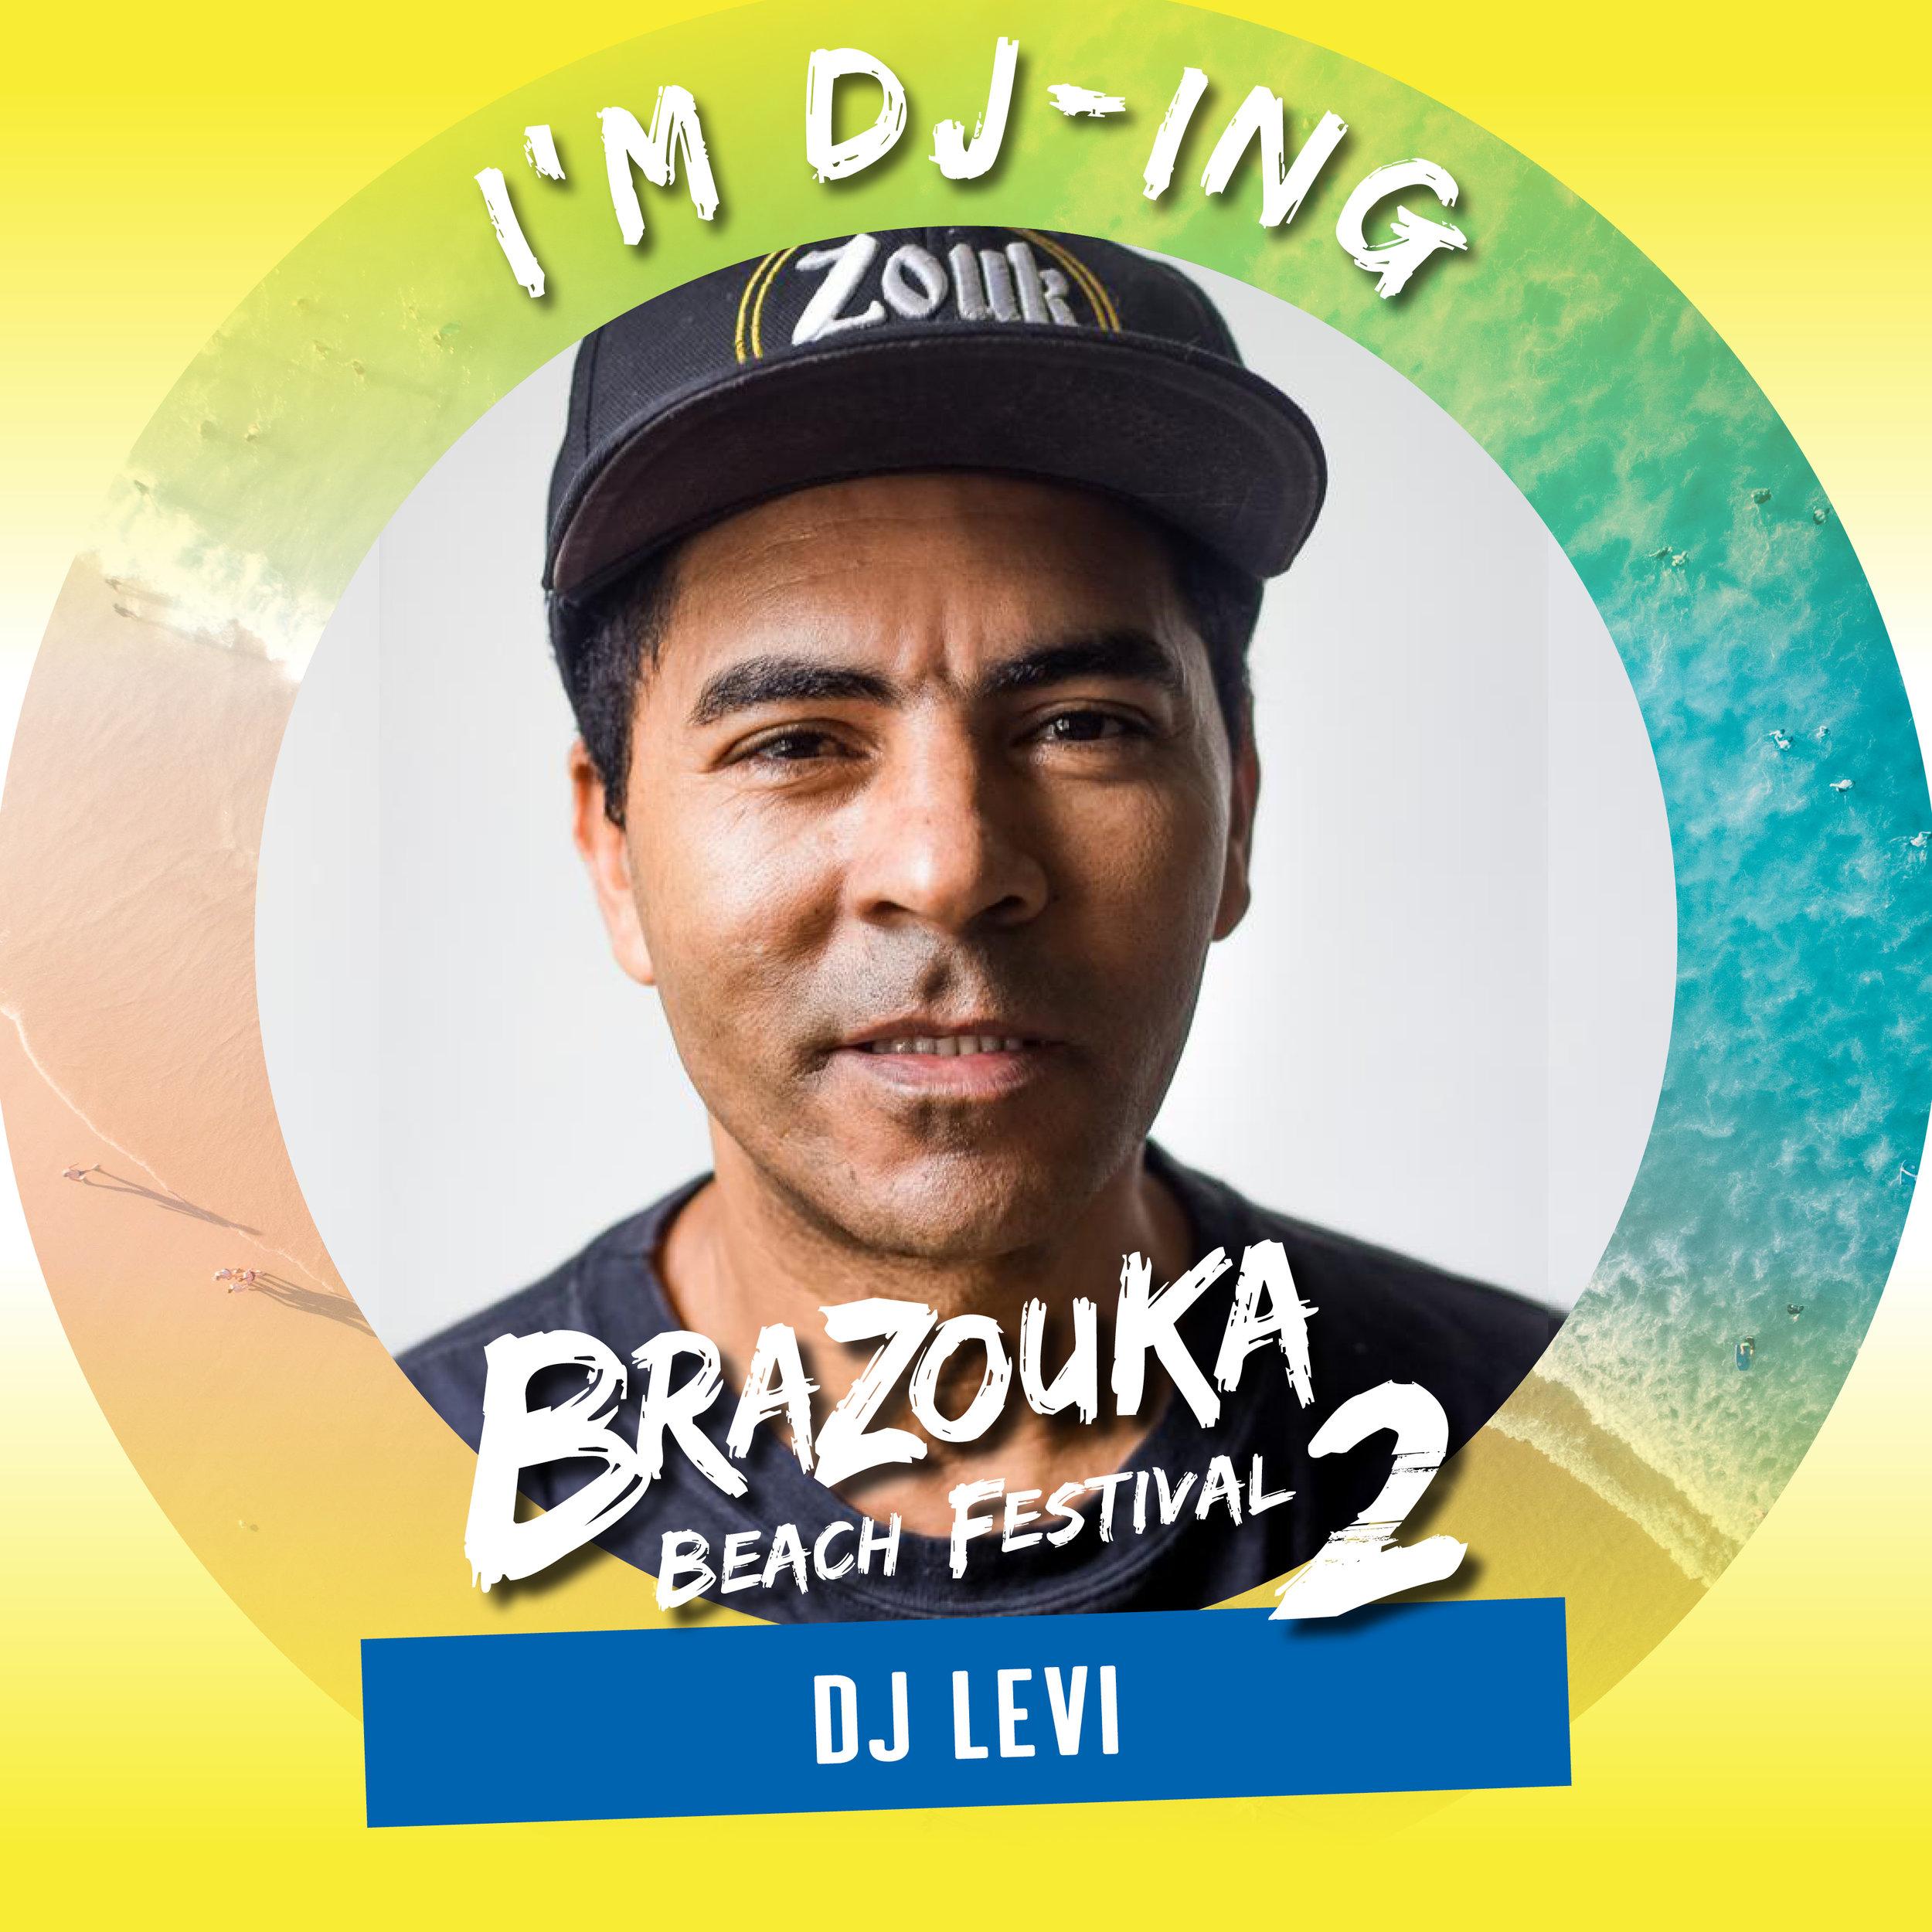 BBF-Social-Tile-DJ Levi 2 (zouk).jpg